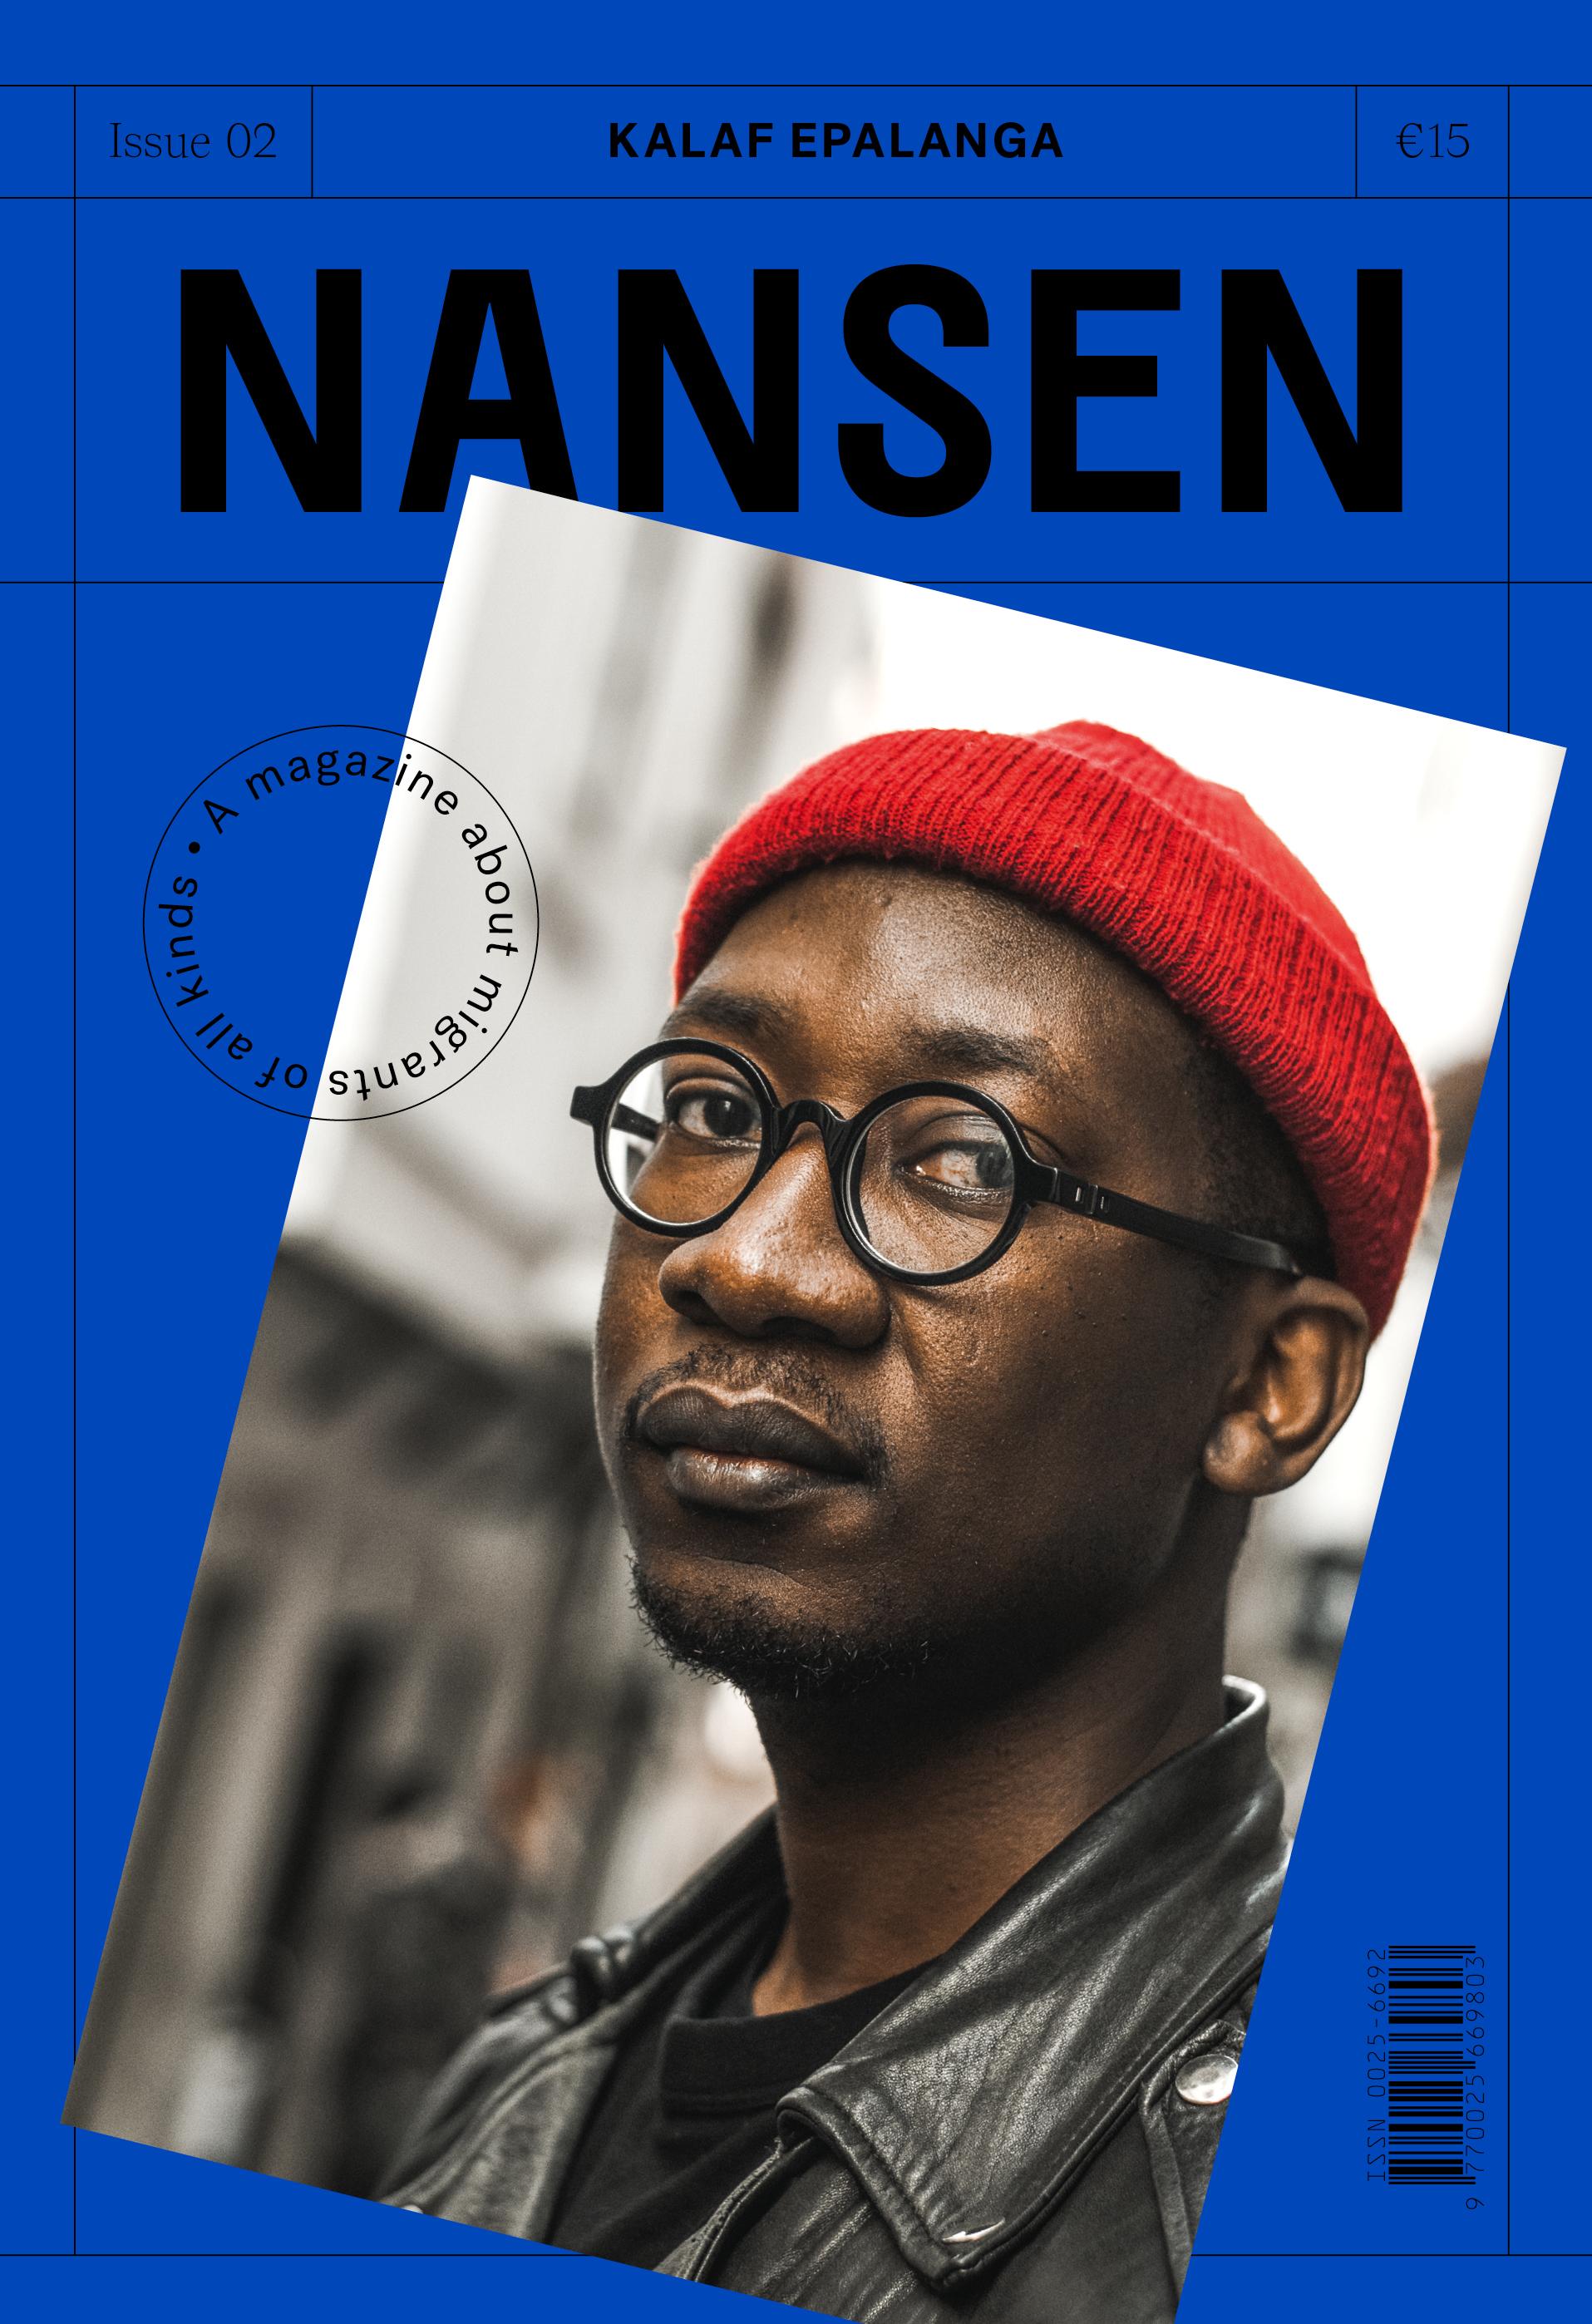 Nansen Magazine: Kalaf Epalanga